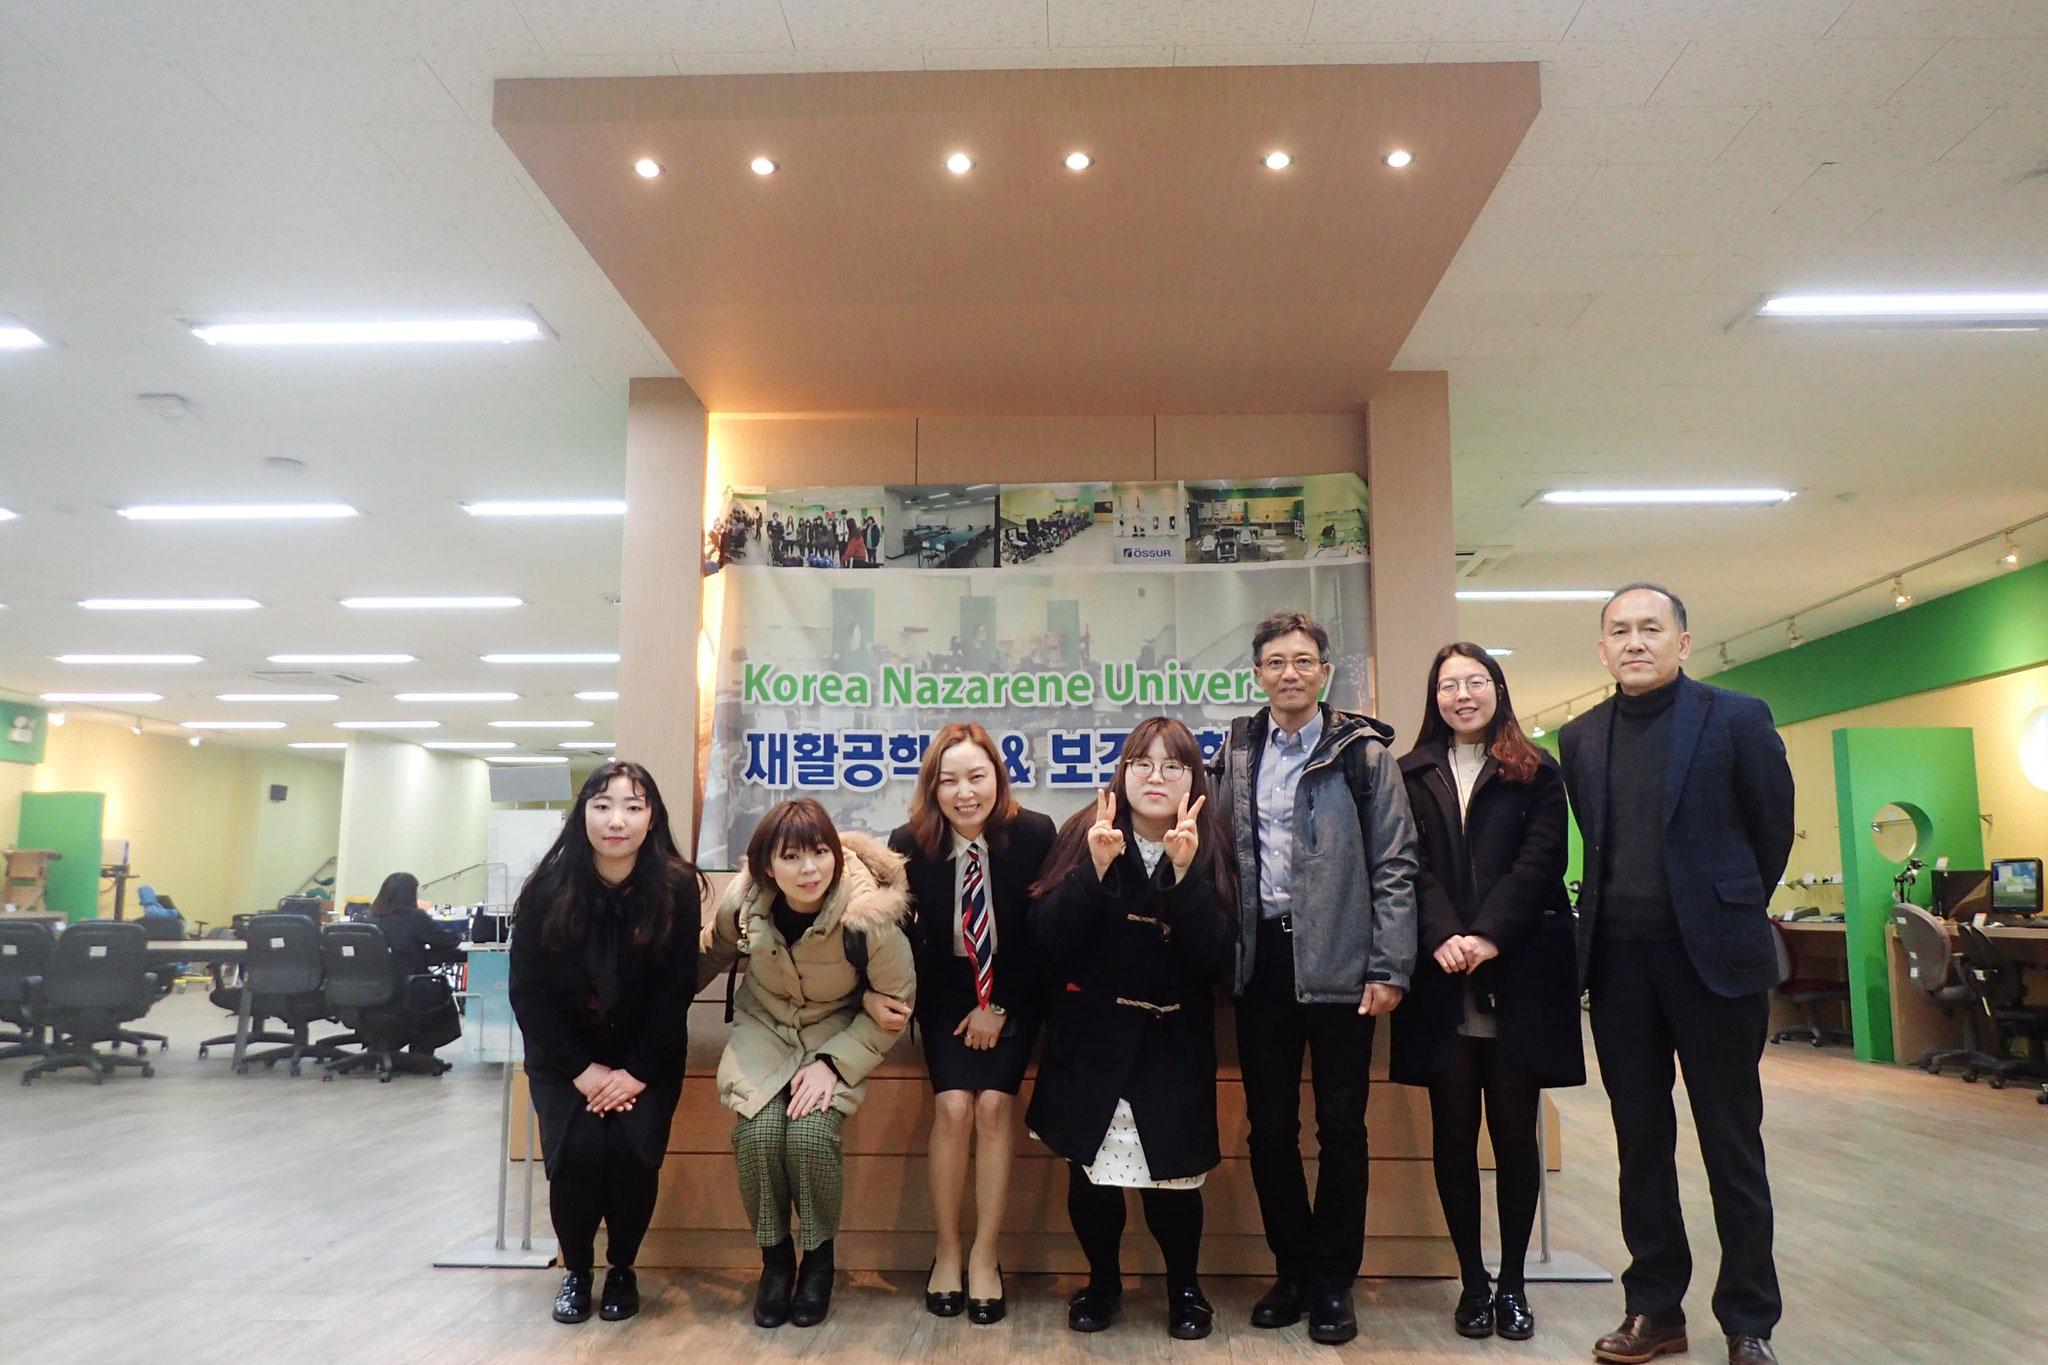 キャンパス内がまさにインクルーシブな環境の韓国ナザレ大学